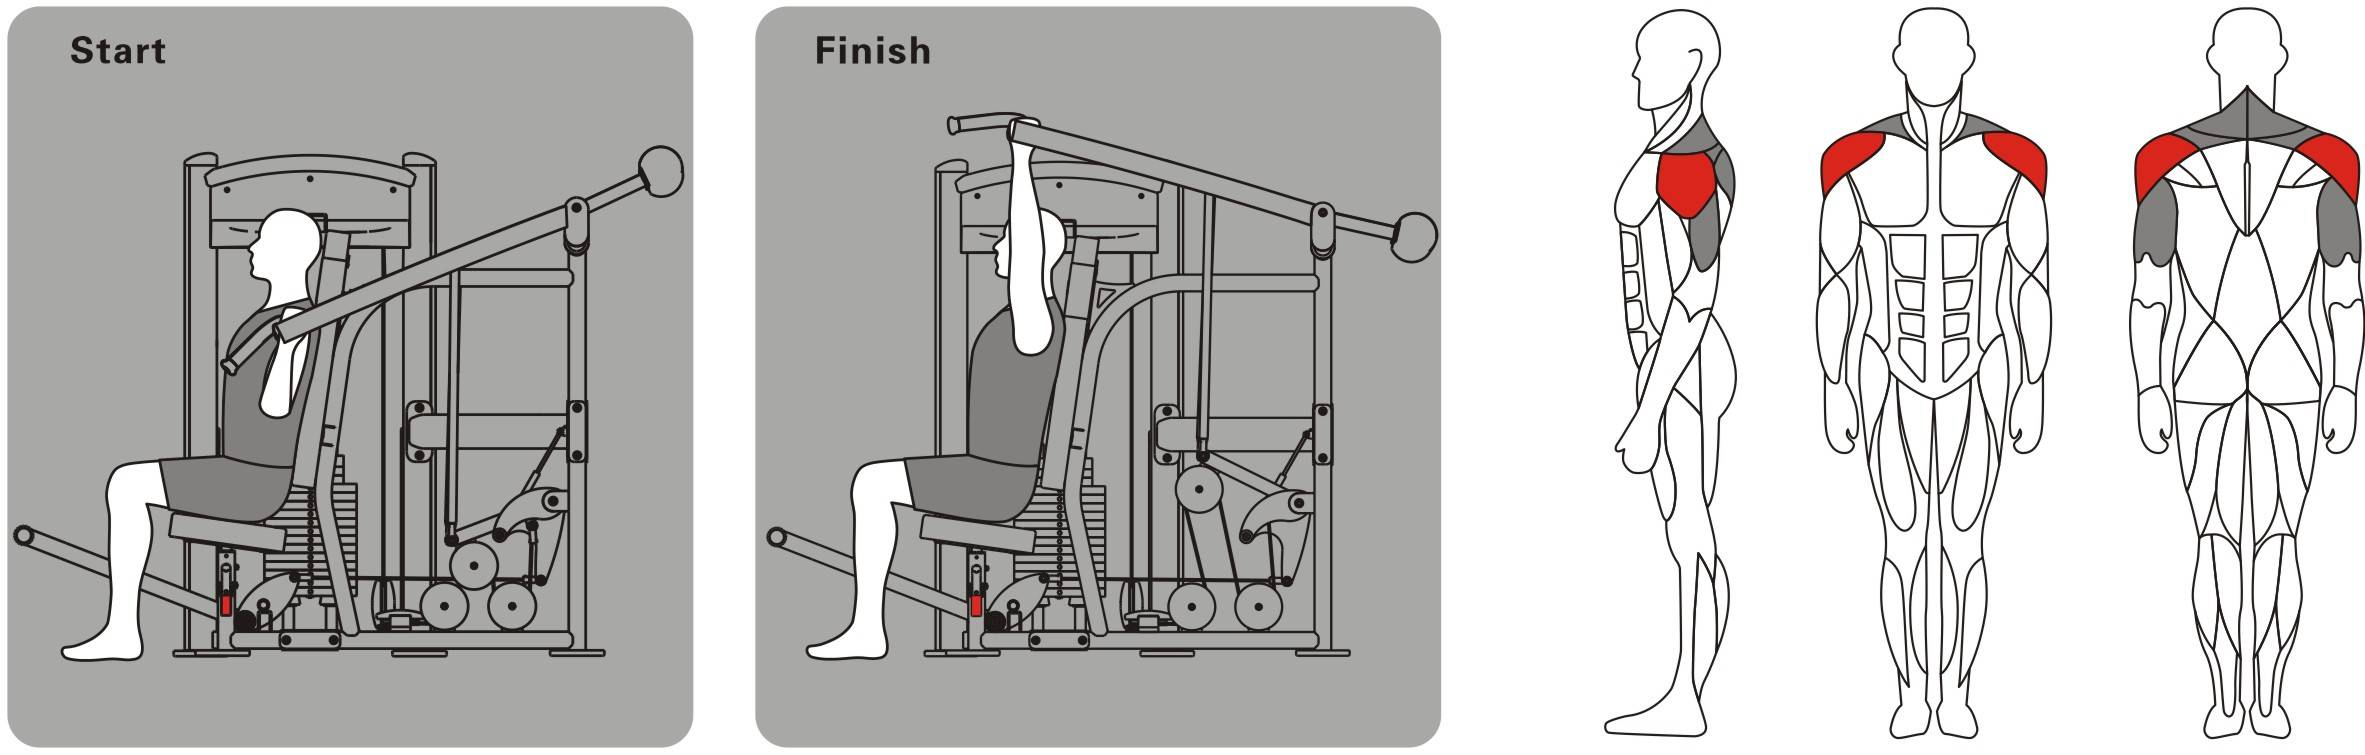 Жим на плечи сидя в тренажере для тренировки мышц плечевого пояса